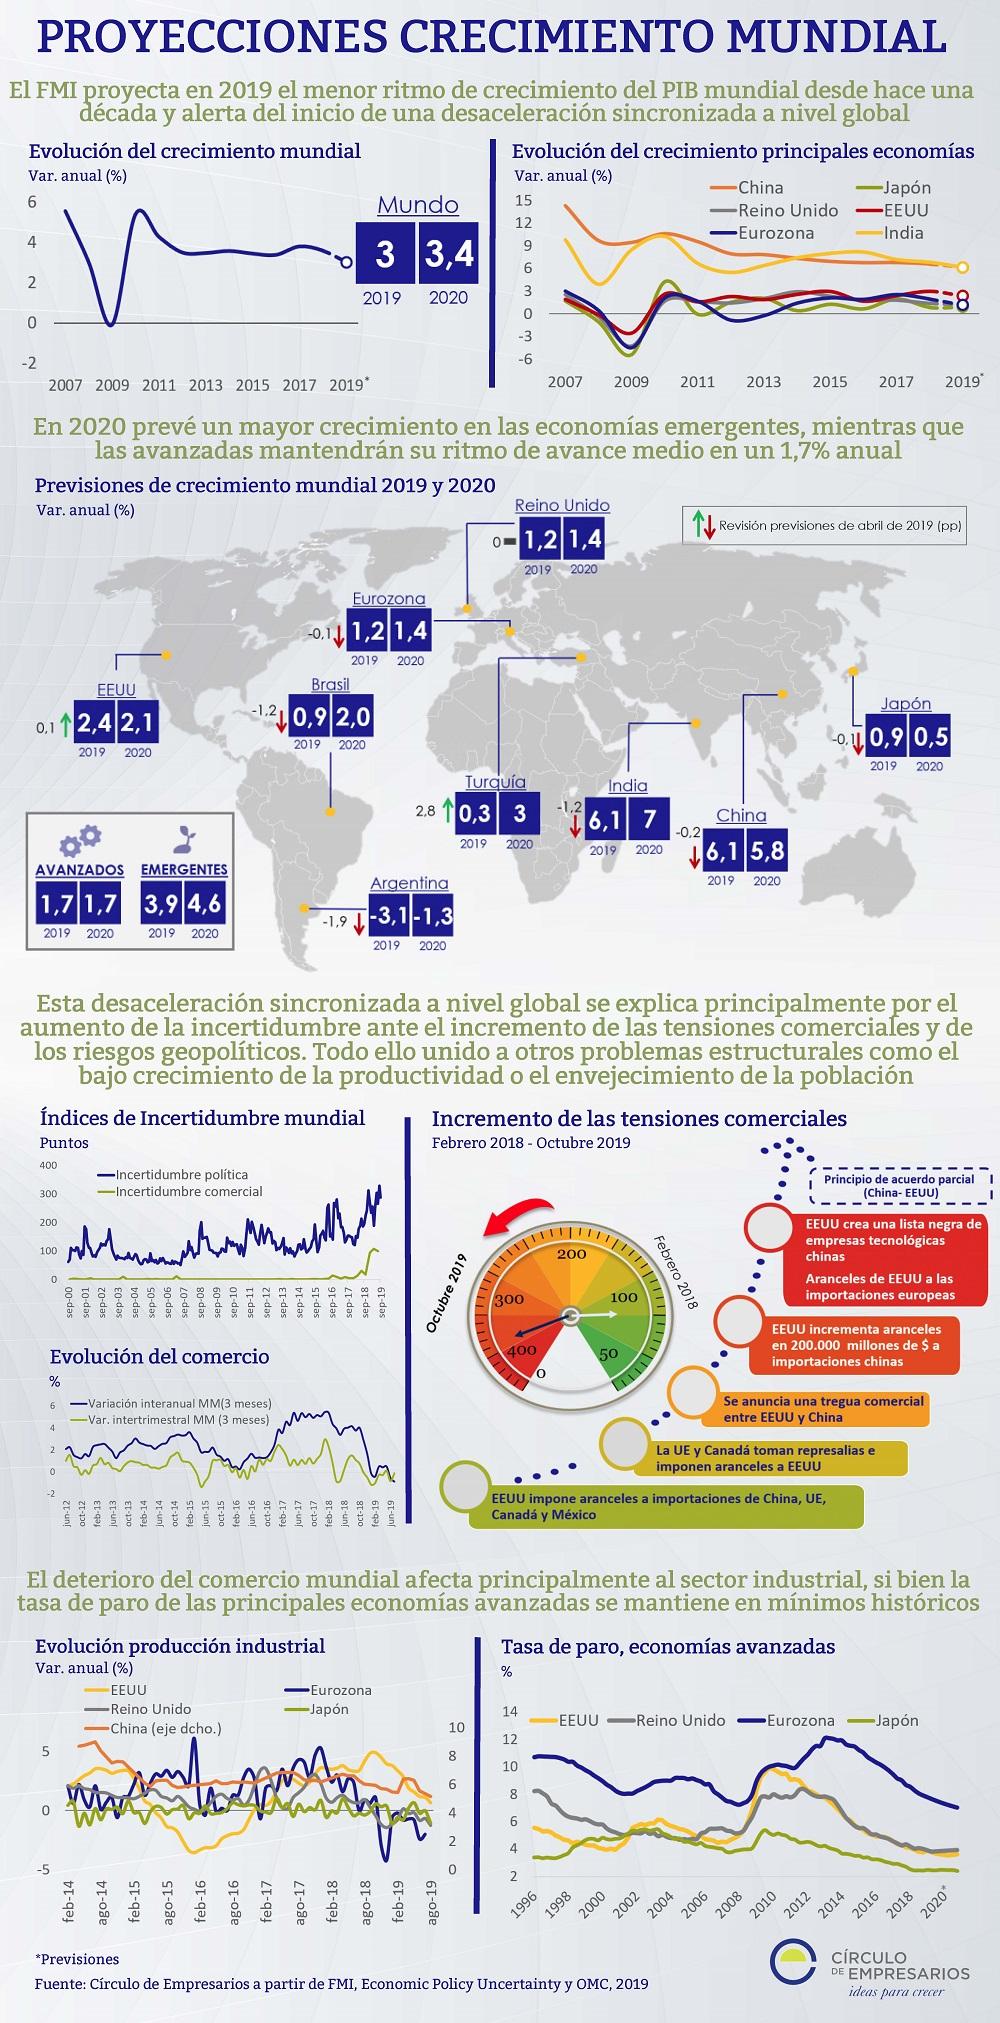 PROYECCIONES-de-CRECIMIENTO-MUNDIAL-infografía-octubre-2019-Circulo-de-Empresarios